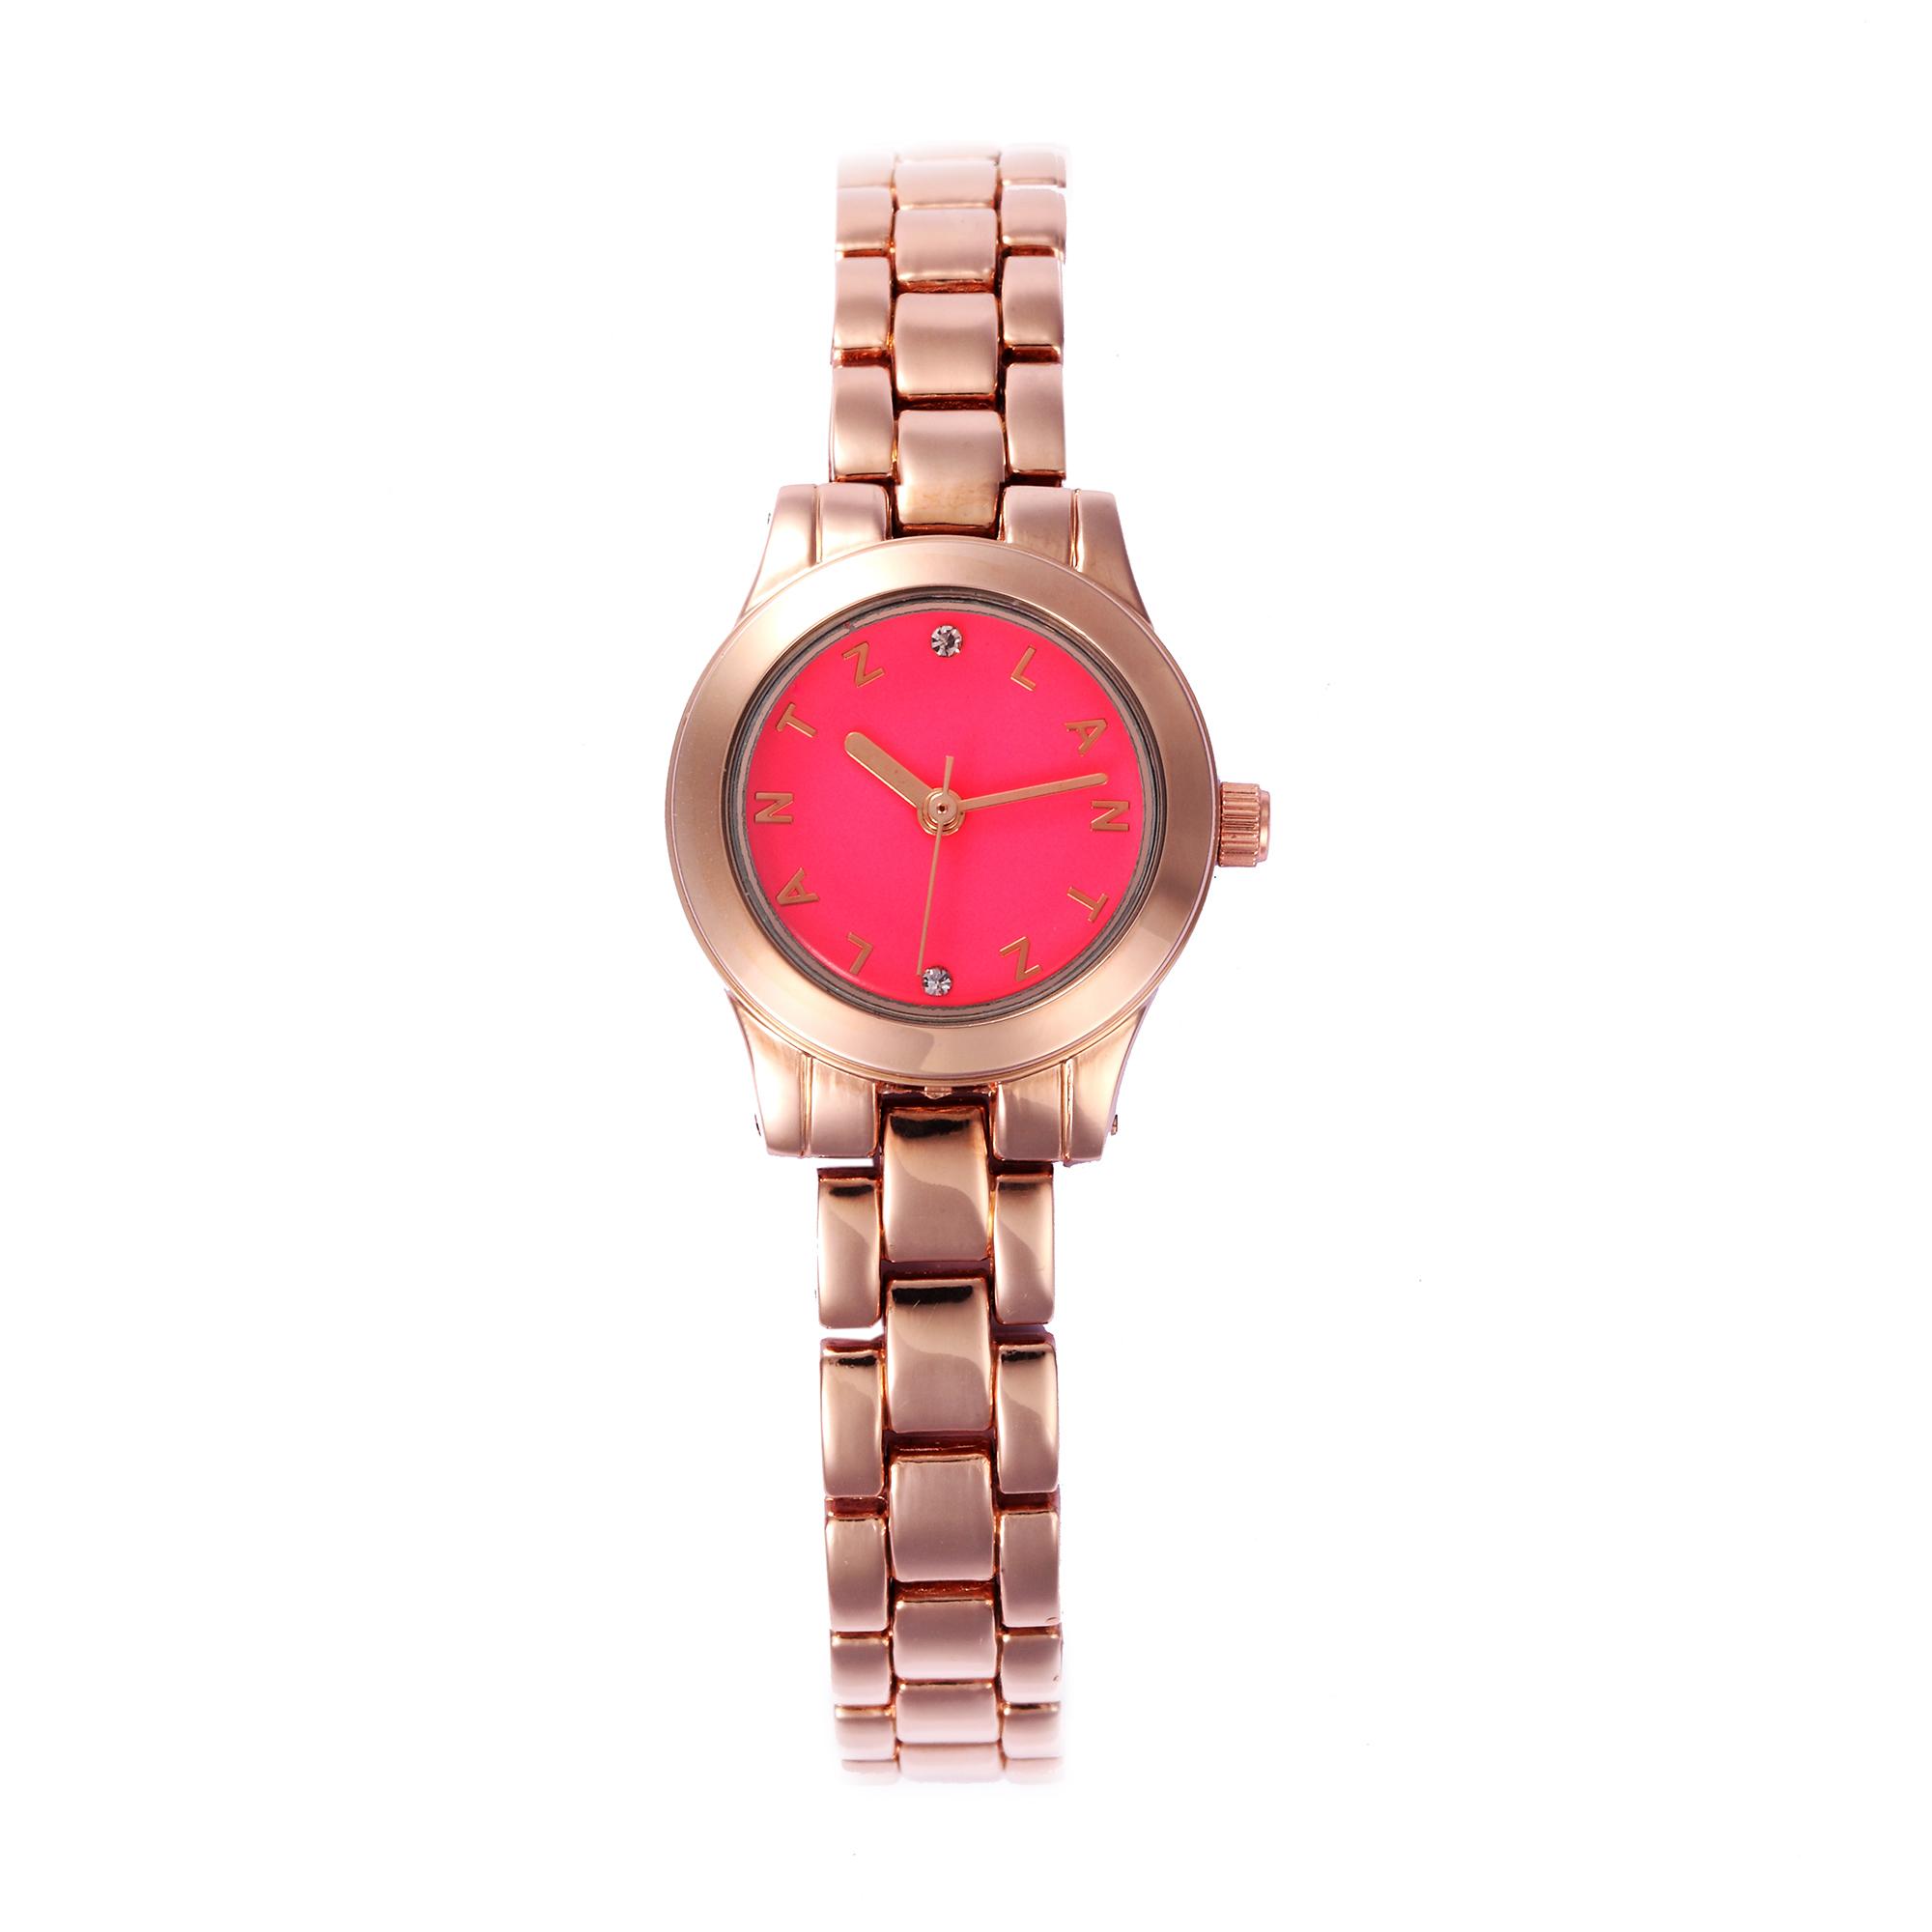 韩国原产LANTZ时尚腕表碳钢石英表女士手表 玫红